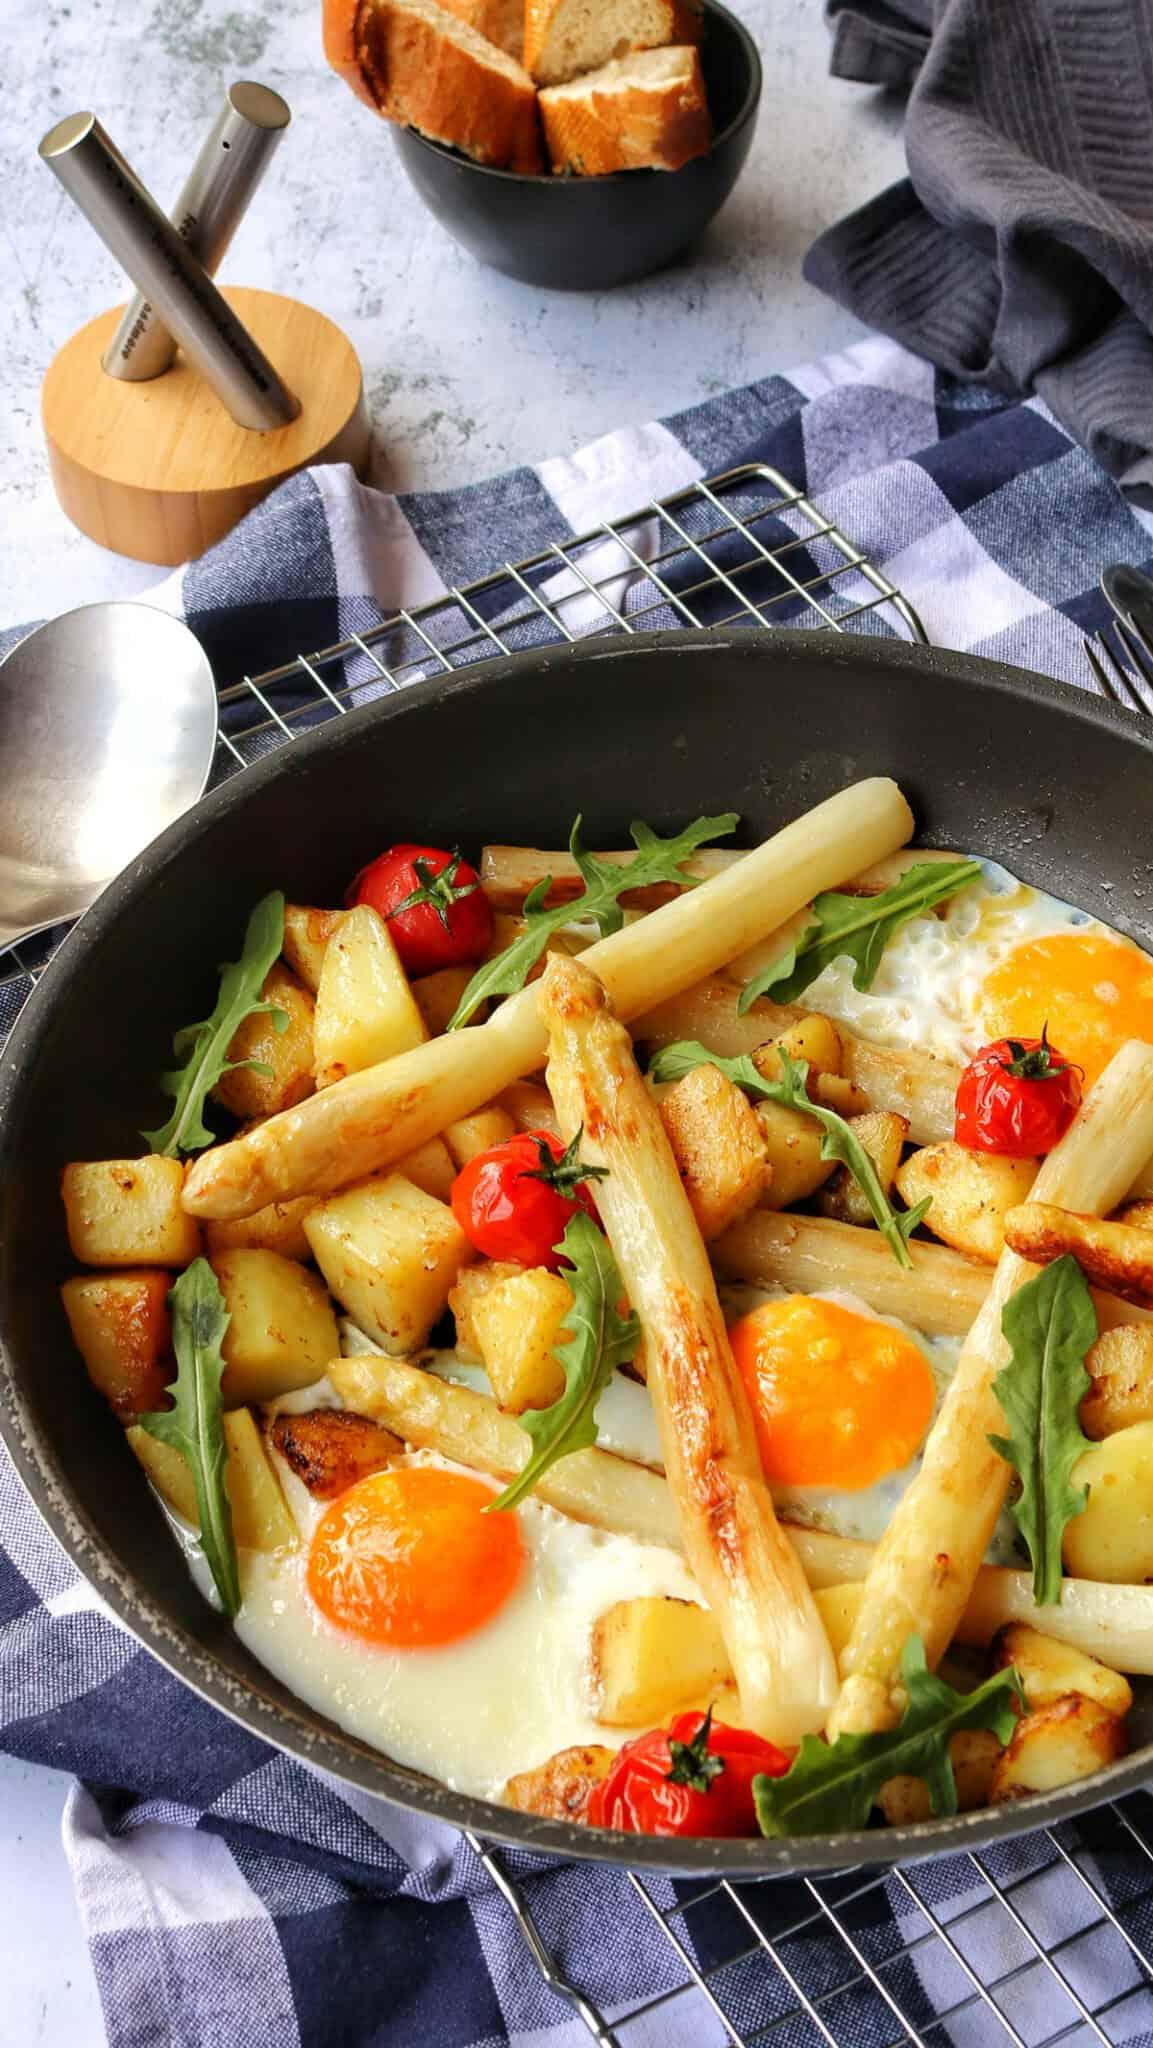 Eine Pfanne mit Spargel, Kartoffeln, Spiegelei, Kirschtomaten und Rucola. Im Hintergrund Deko